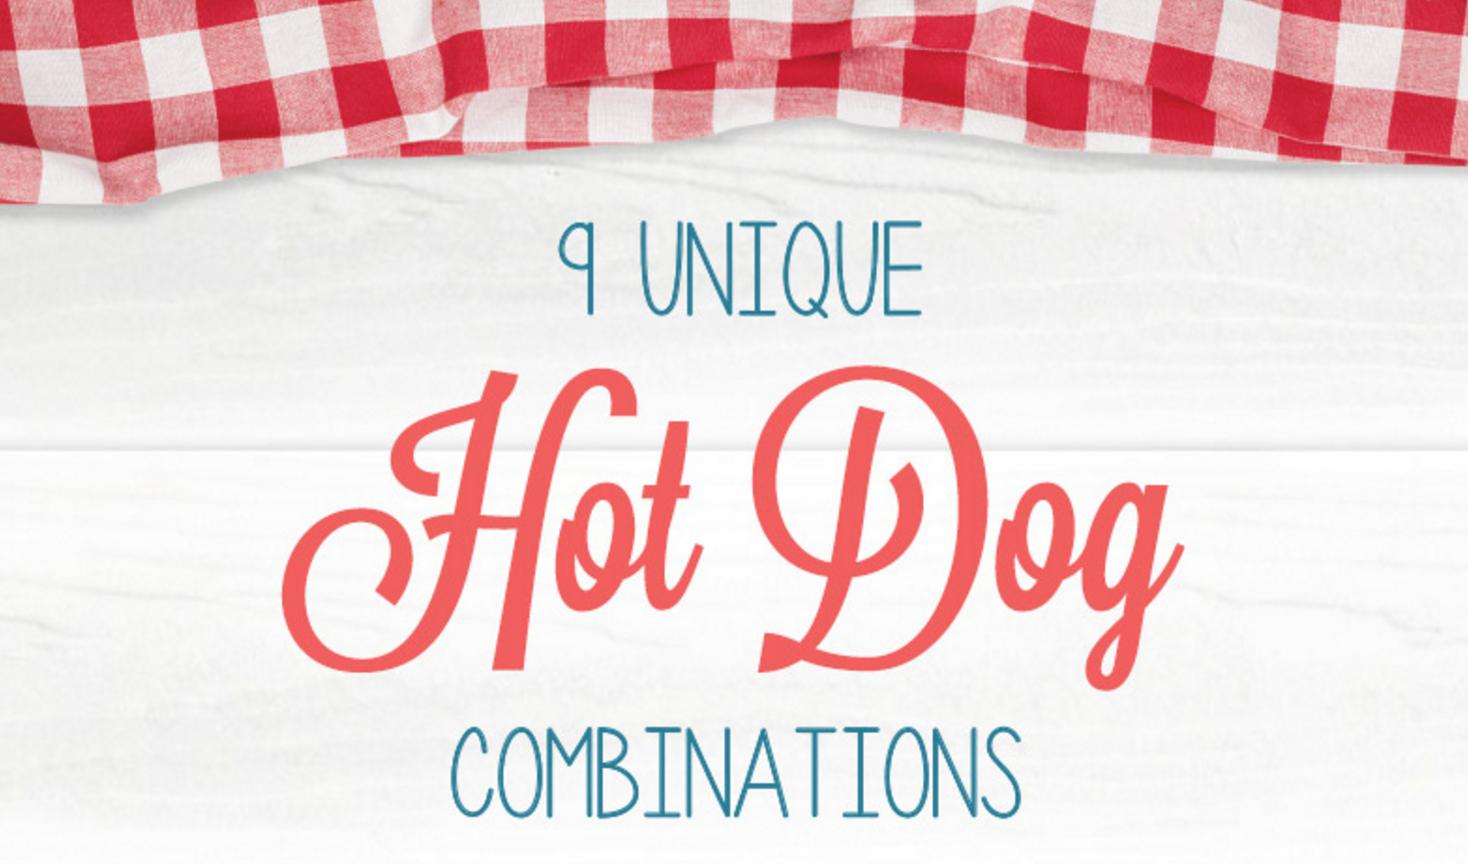 Unique Hot Dog Recipes